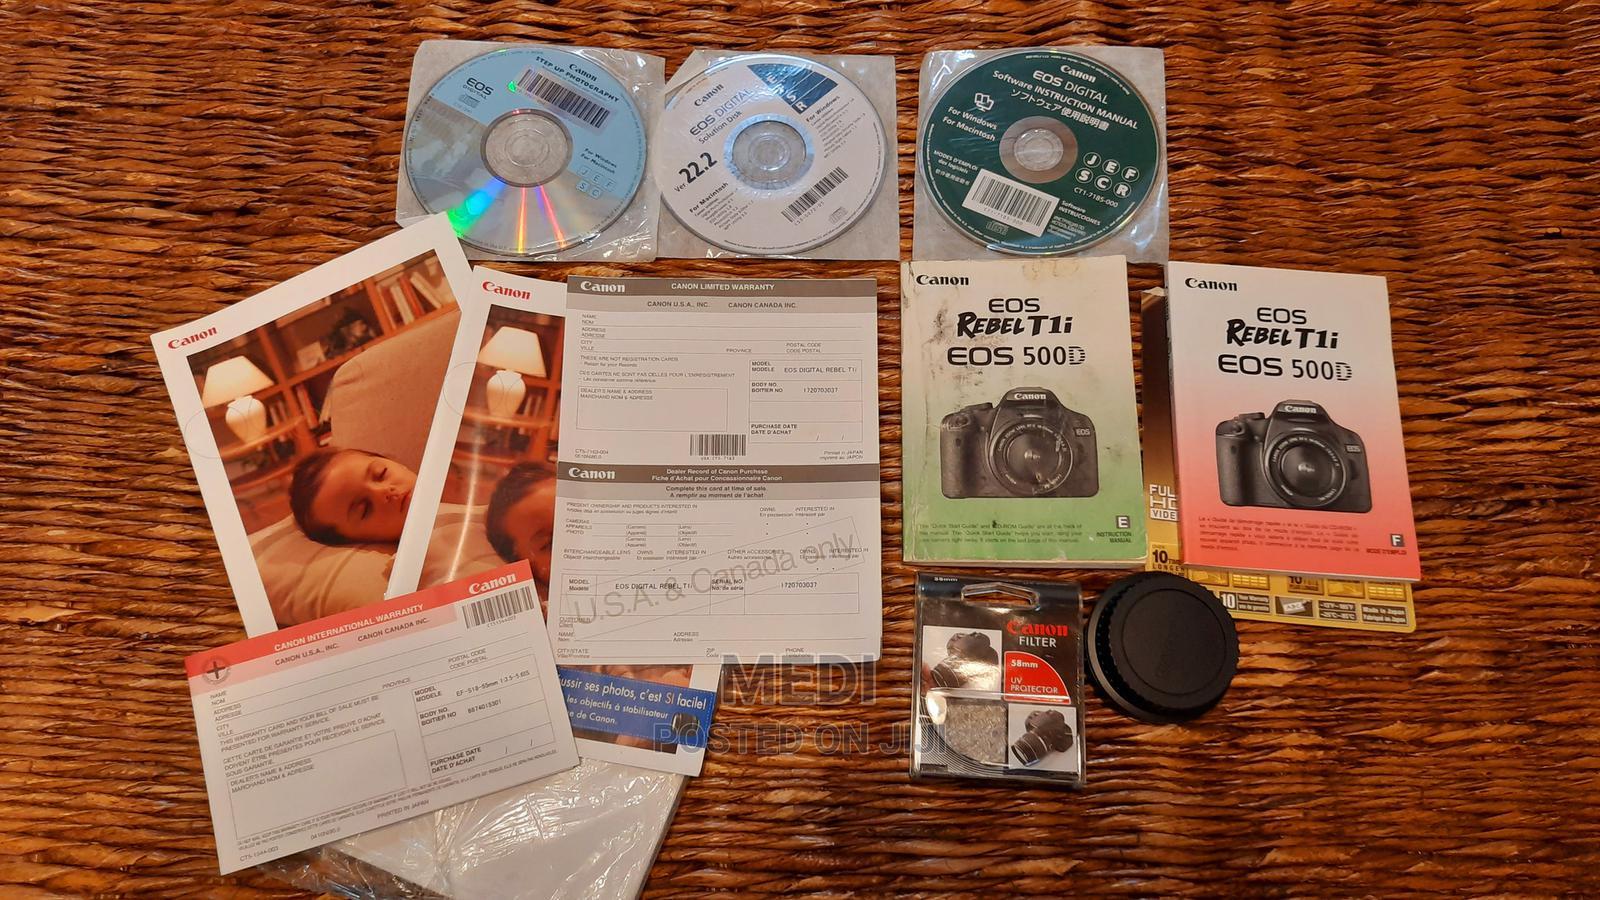 Canon EOS 500d/Rebel T1i | Photo & Video Cameras for sale in Kileleshwa, Nairobi, Kenya